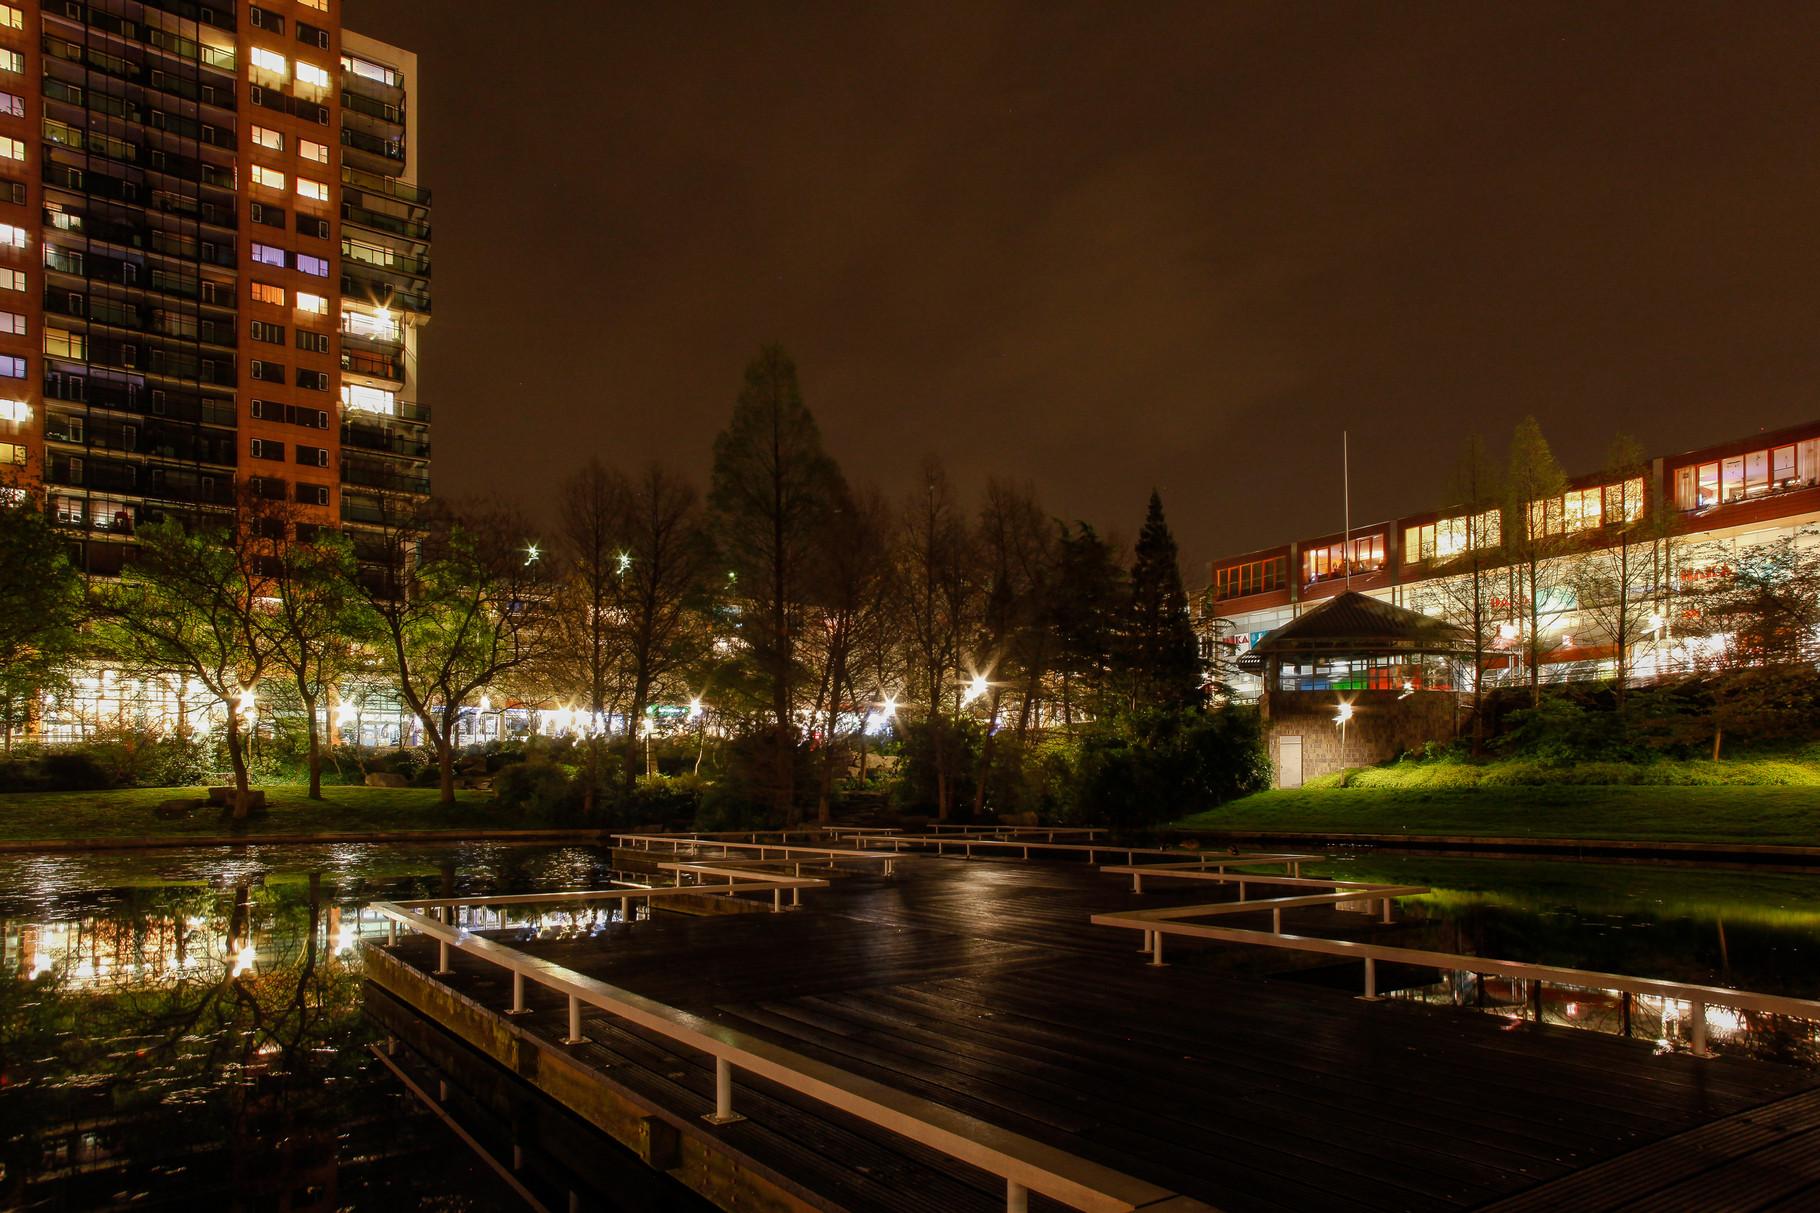 Nachtfoto stadshart Zoetermeer - DOKOE Fotografie